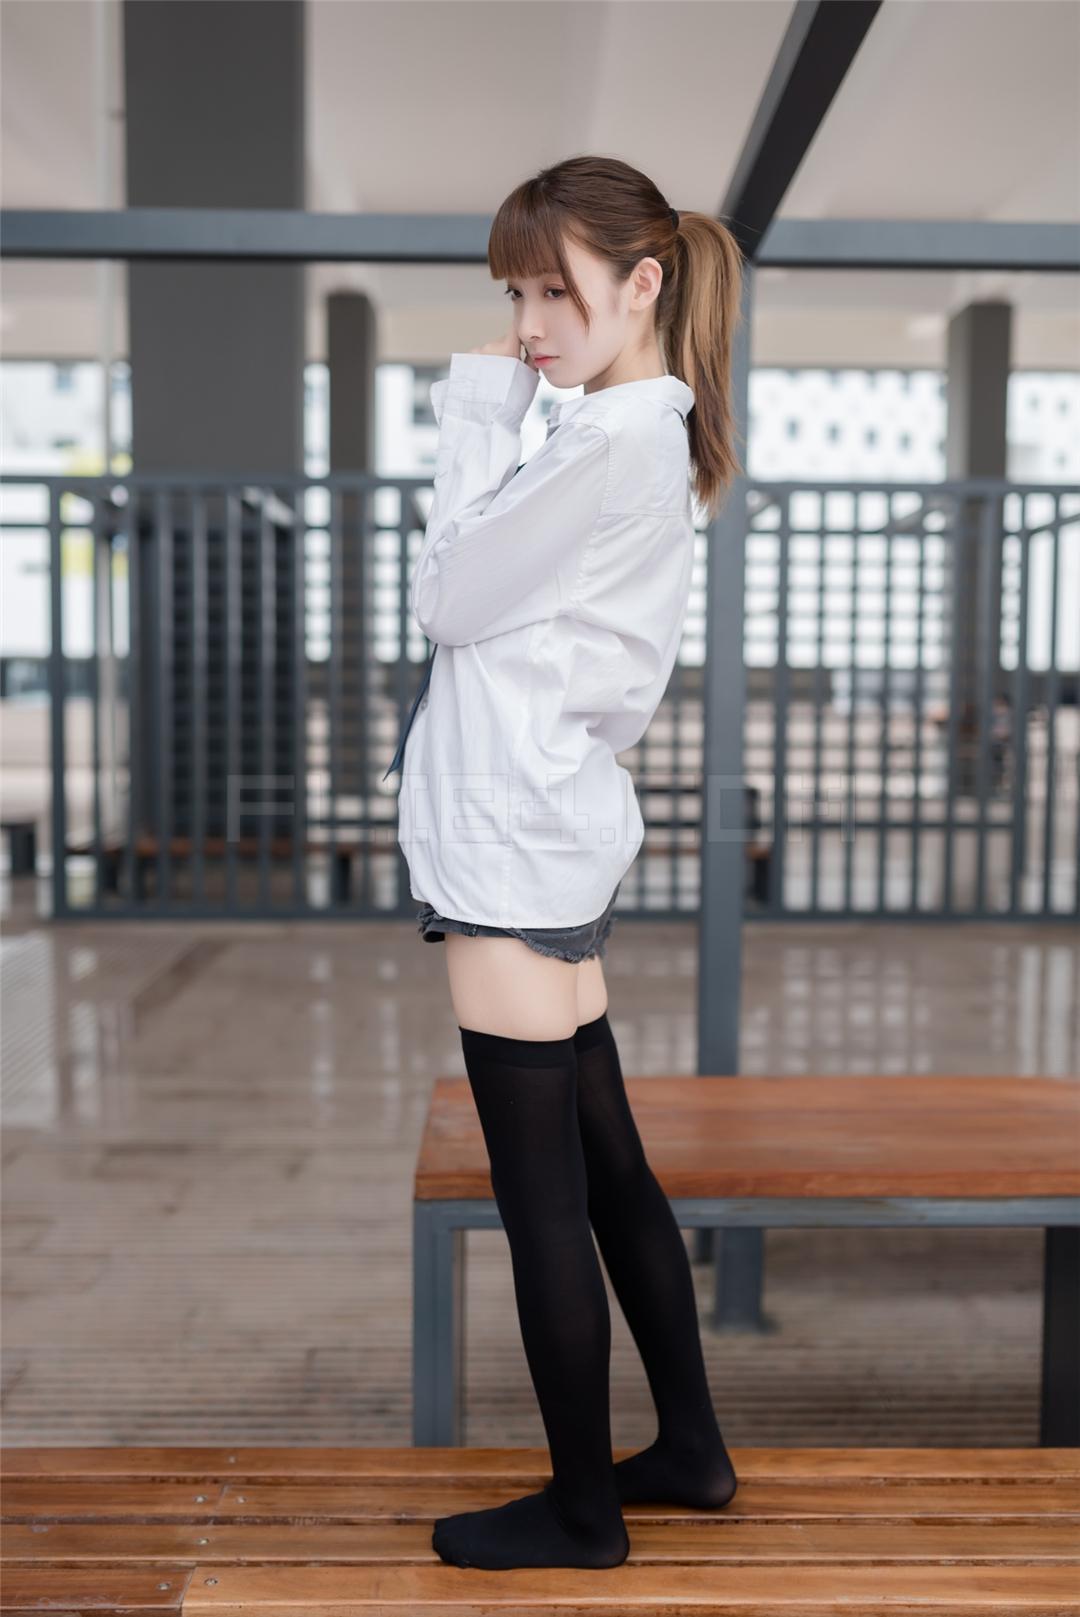 [風之領域寫真] NO.039 襯衫膝上襪 (49P)